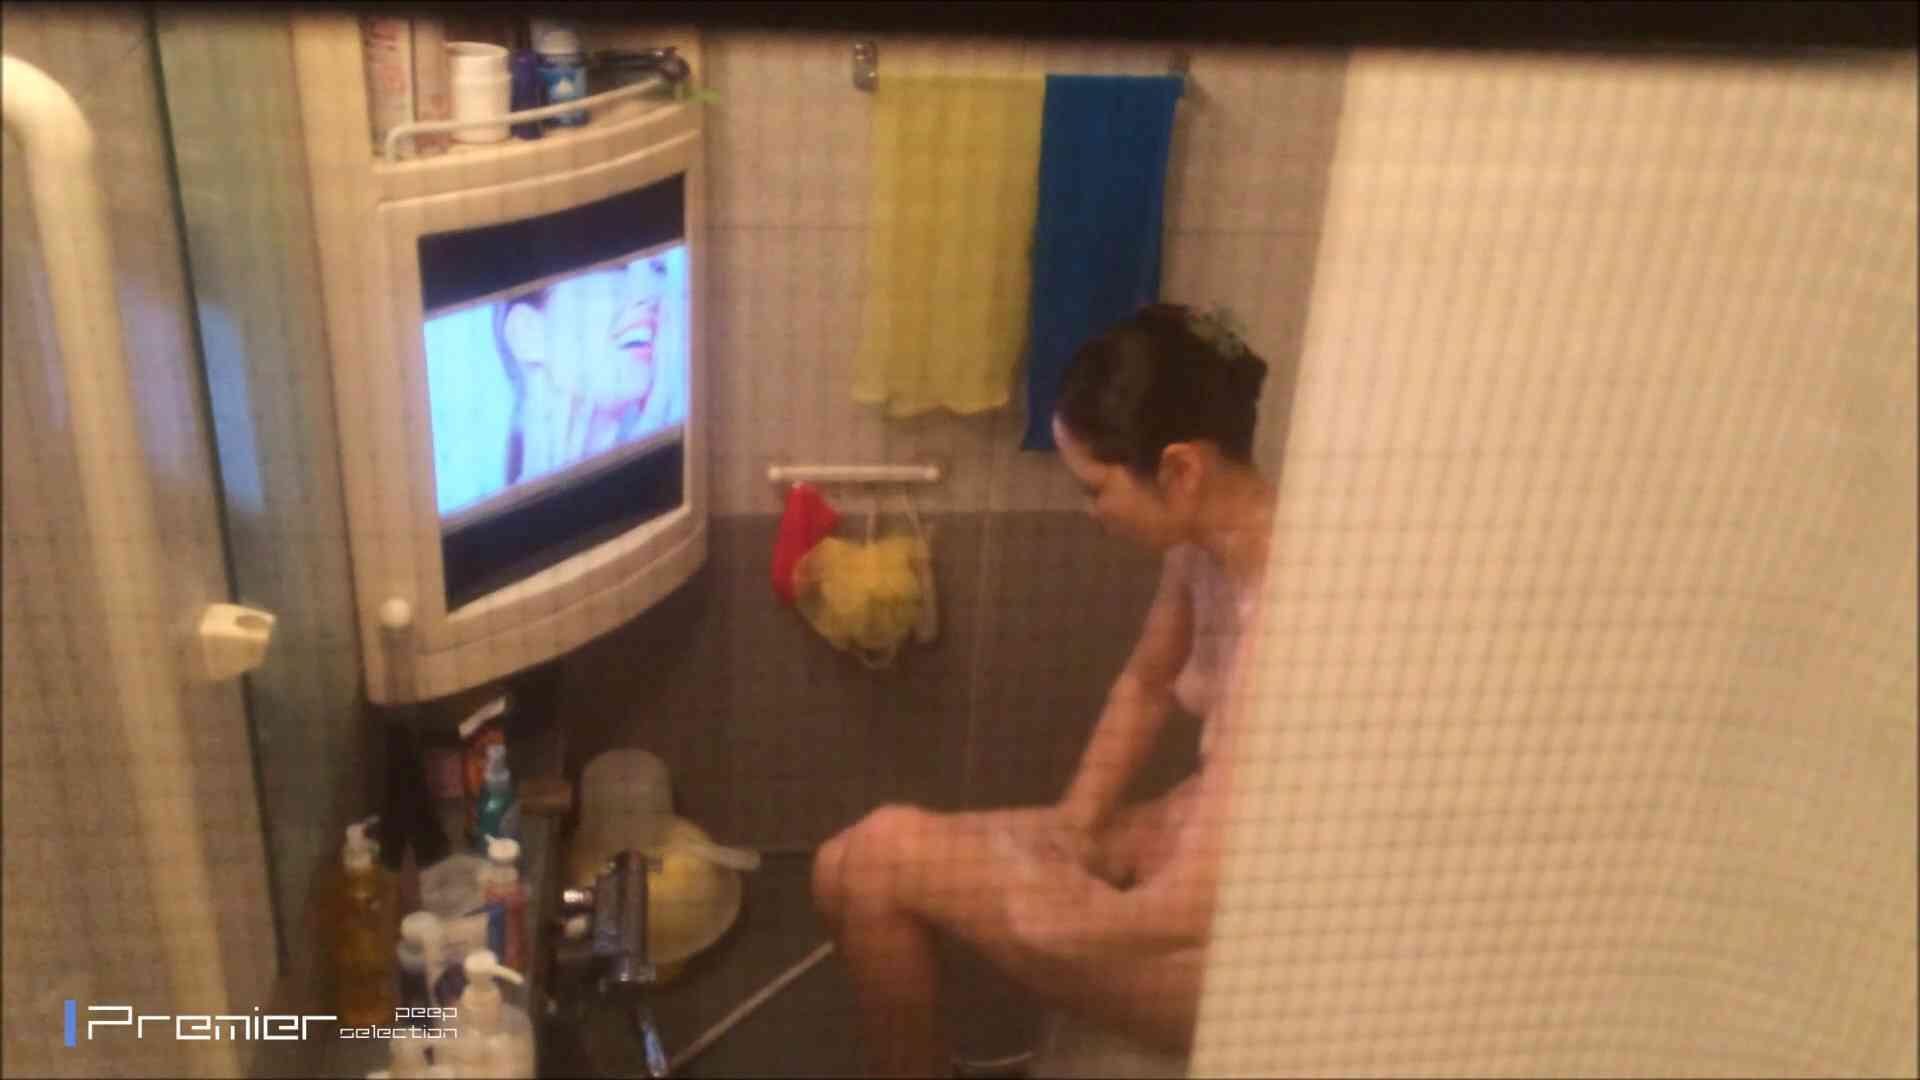 美女のテレビを見ながらの入浴 乙女の風呂場 Vol.21 投稿 SEX無修正画像 111画像 88